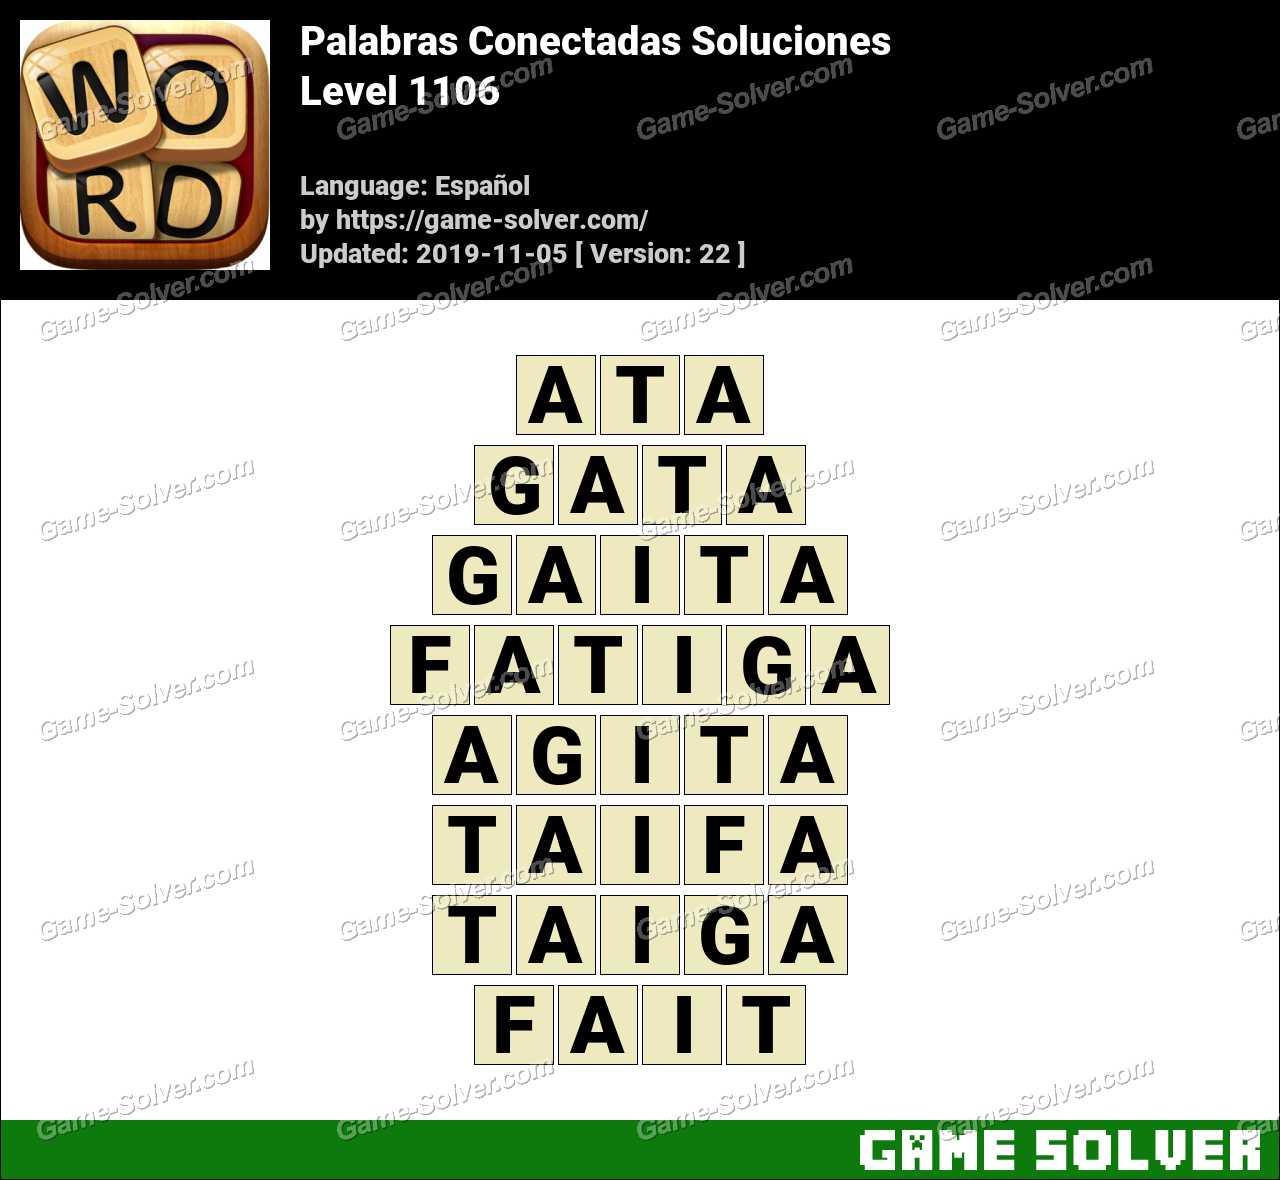 Palabras Conectadas Nivel 1106 Soluciones